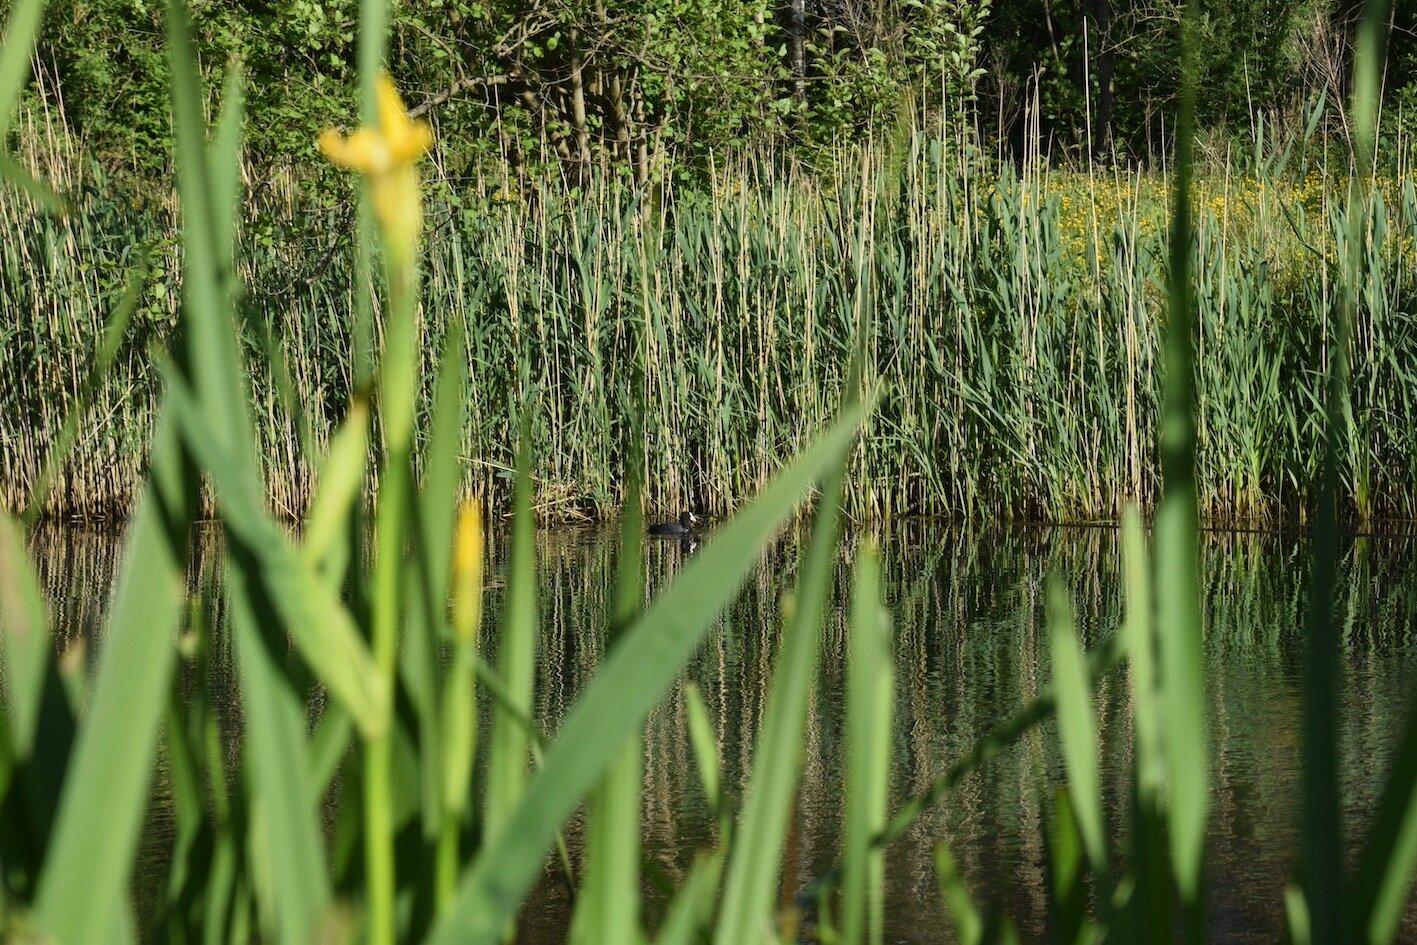 De gele lis helpt het water zuiveren in deze natuurlijke vijver, waar een meerkoet op bezoek is